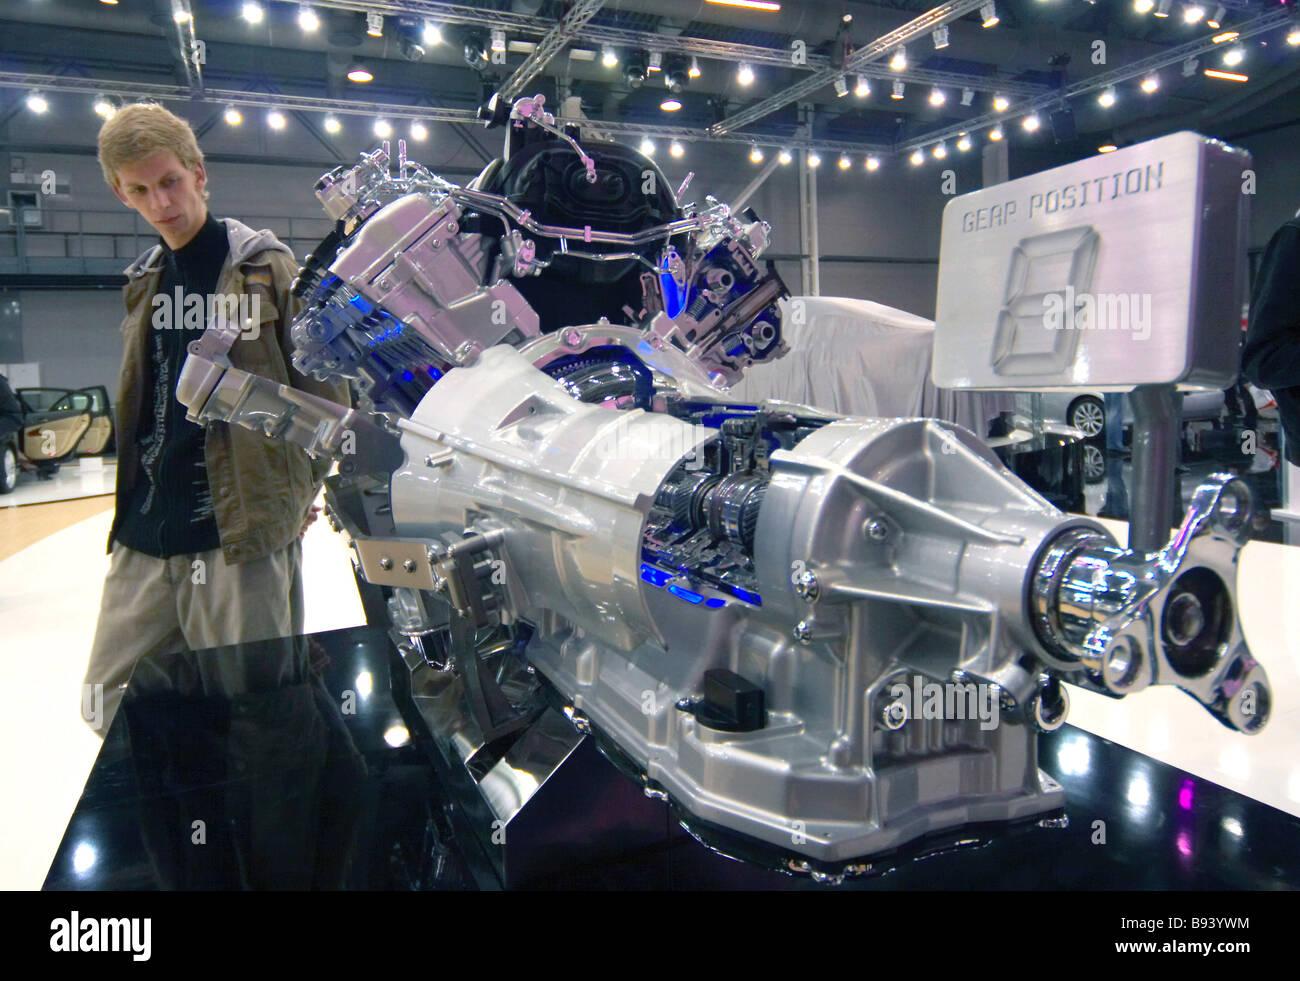 Un modello di un motore ibrido mostrato da Lexus alla XV Fiera Internazionale di automobili di servizio apparecchiature Immagini Stock